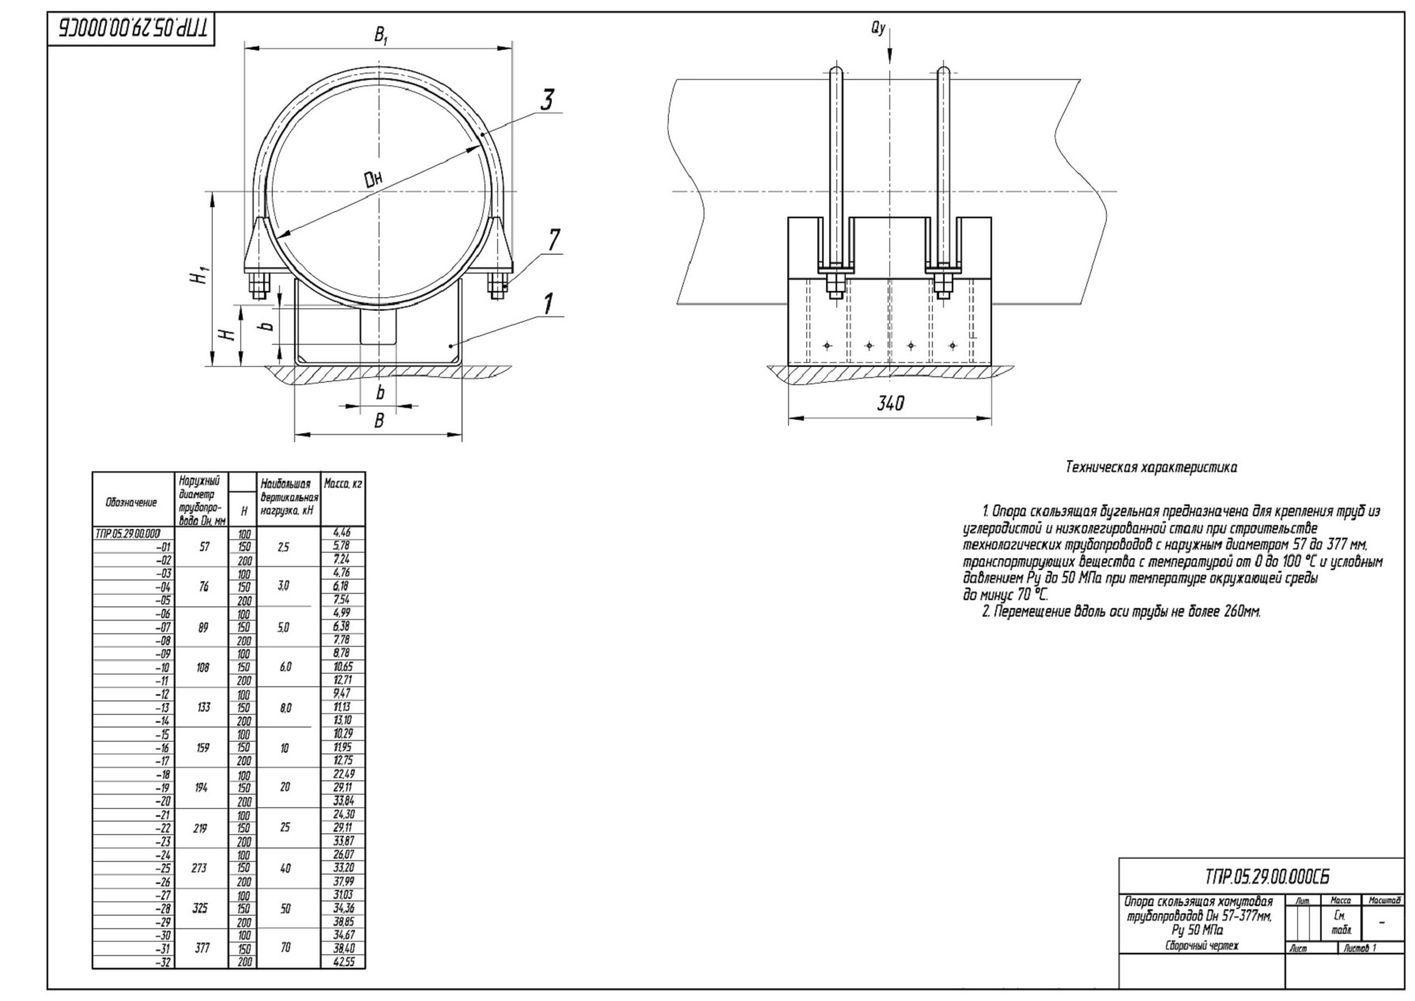 ТПР.05.29.00.000 Опоры скользящие хомутовые трубопроводов Дн 57-377 мм